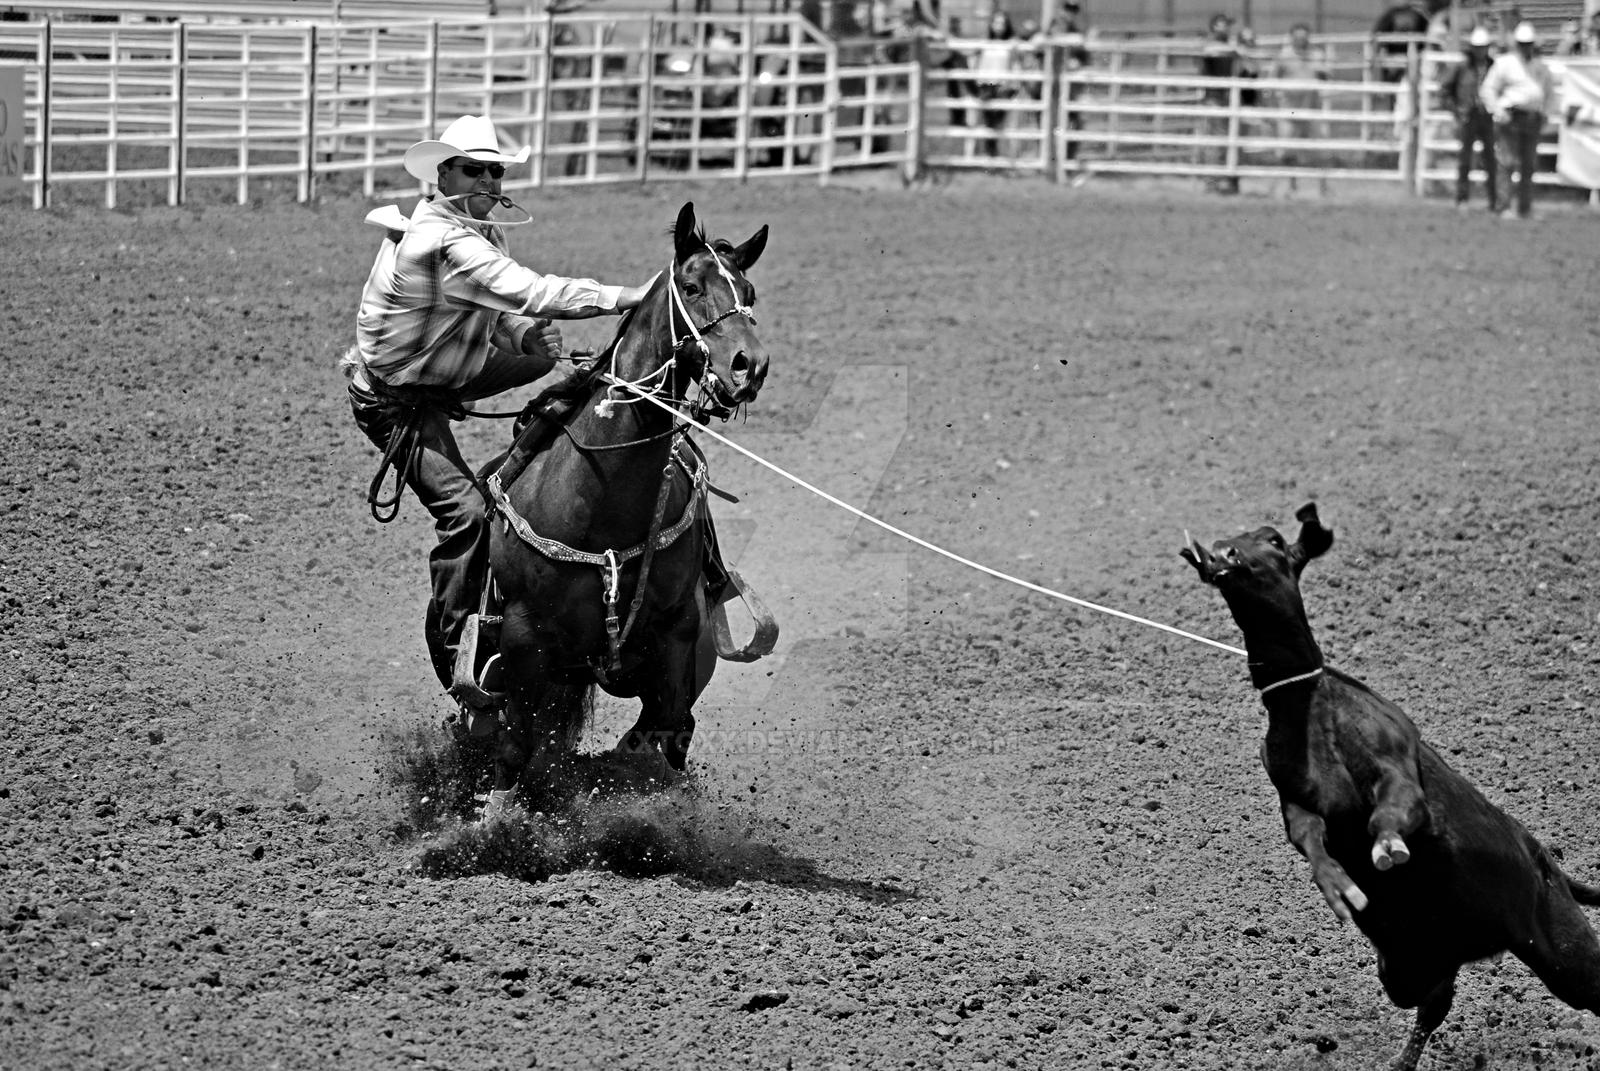 Rodeo by xxtgxx